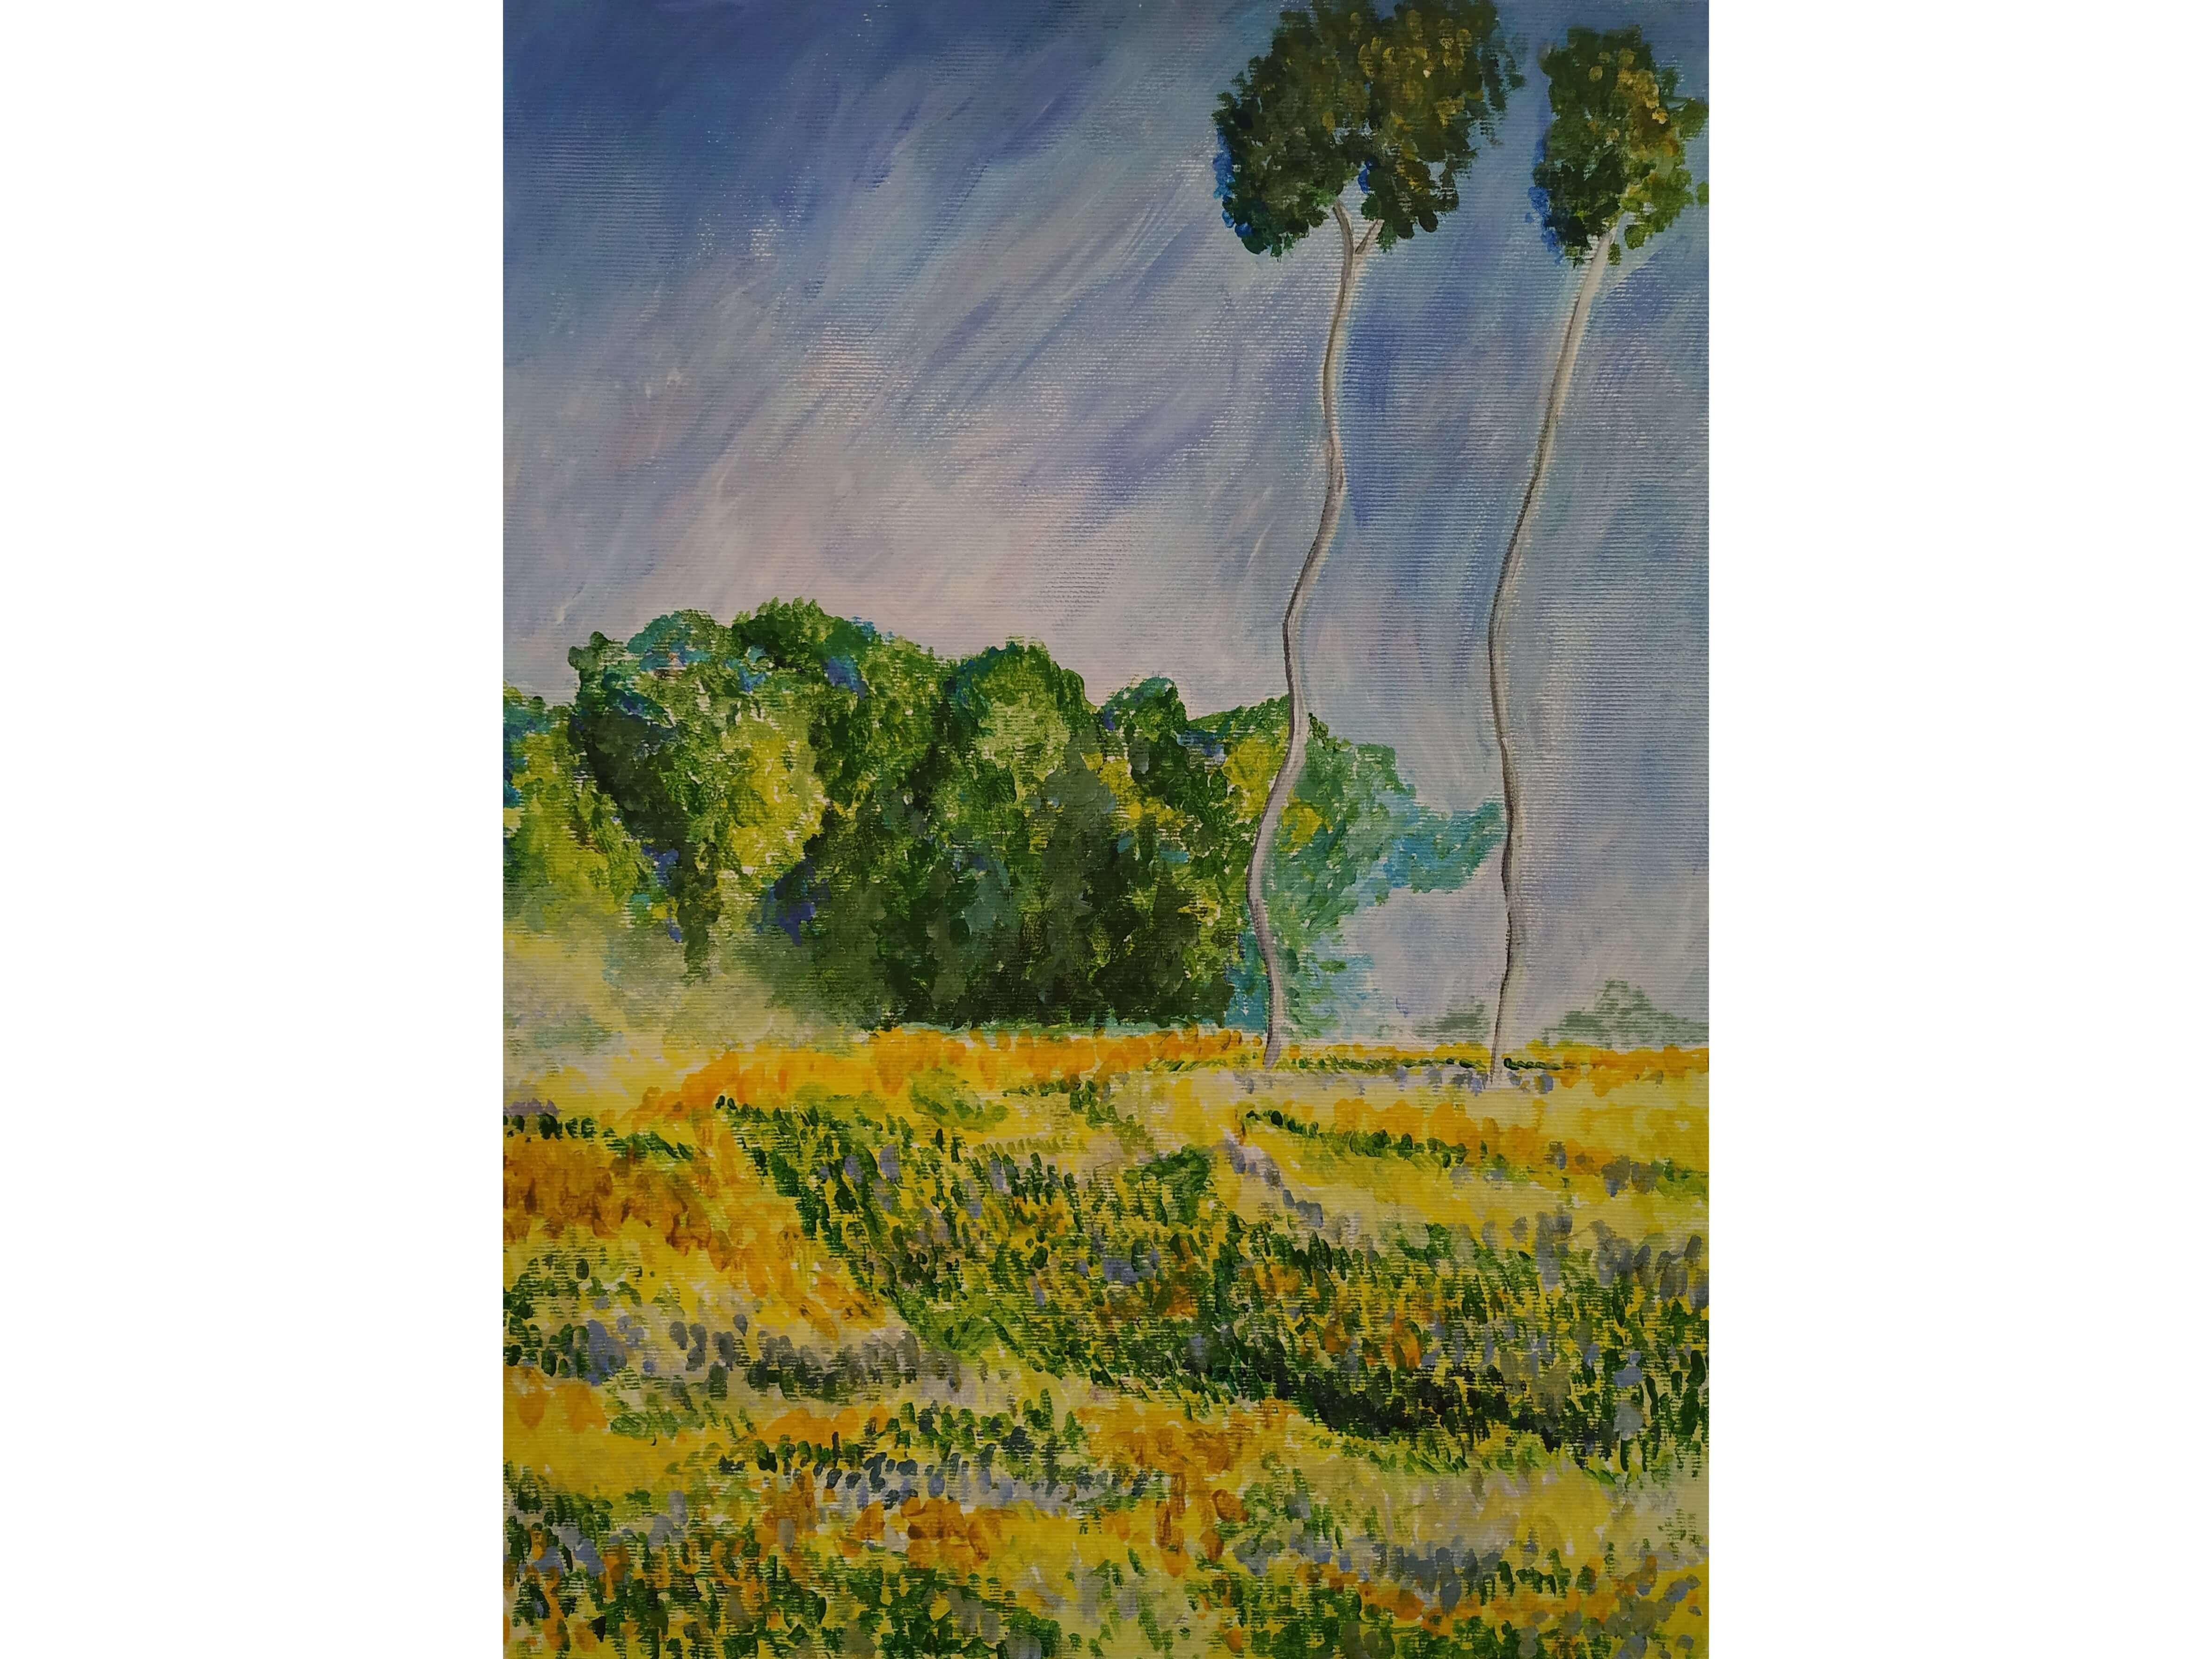 """Релаксиране с чаша вино и рисуване на репродукция по картината """"Пейзаж"""" на Клод Моне – 02.08.2019 г."""